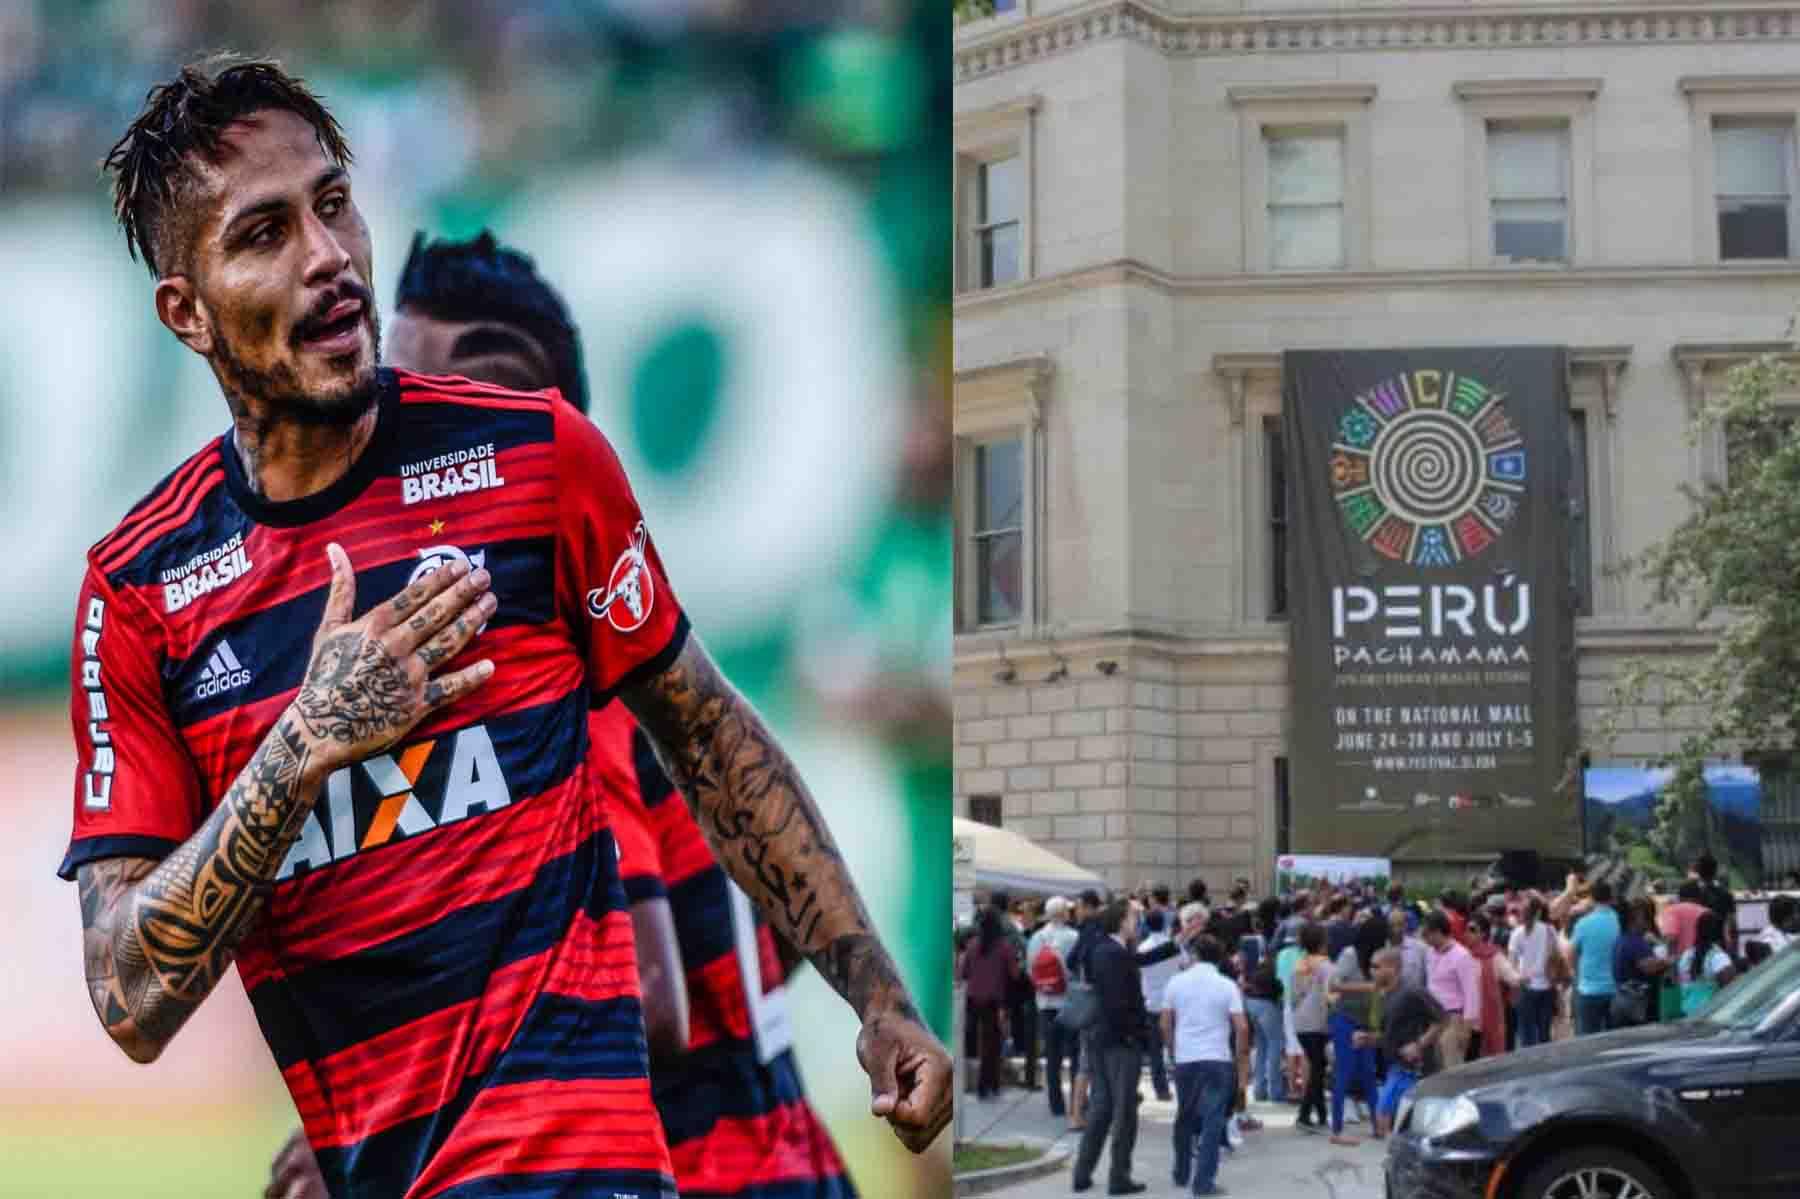 Paolo Guerrero: Embajada de Perú en EE.UU envió su apoyo condicional al capitán